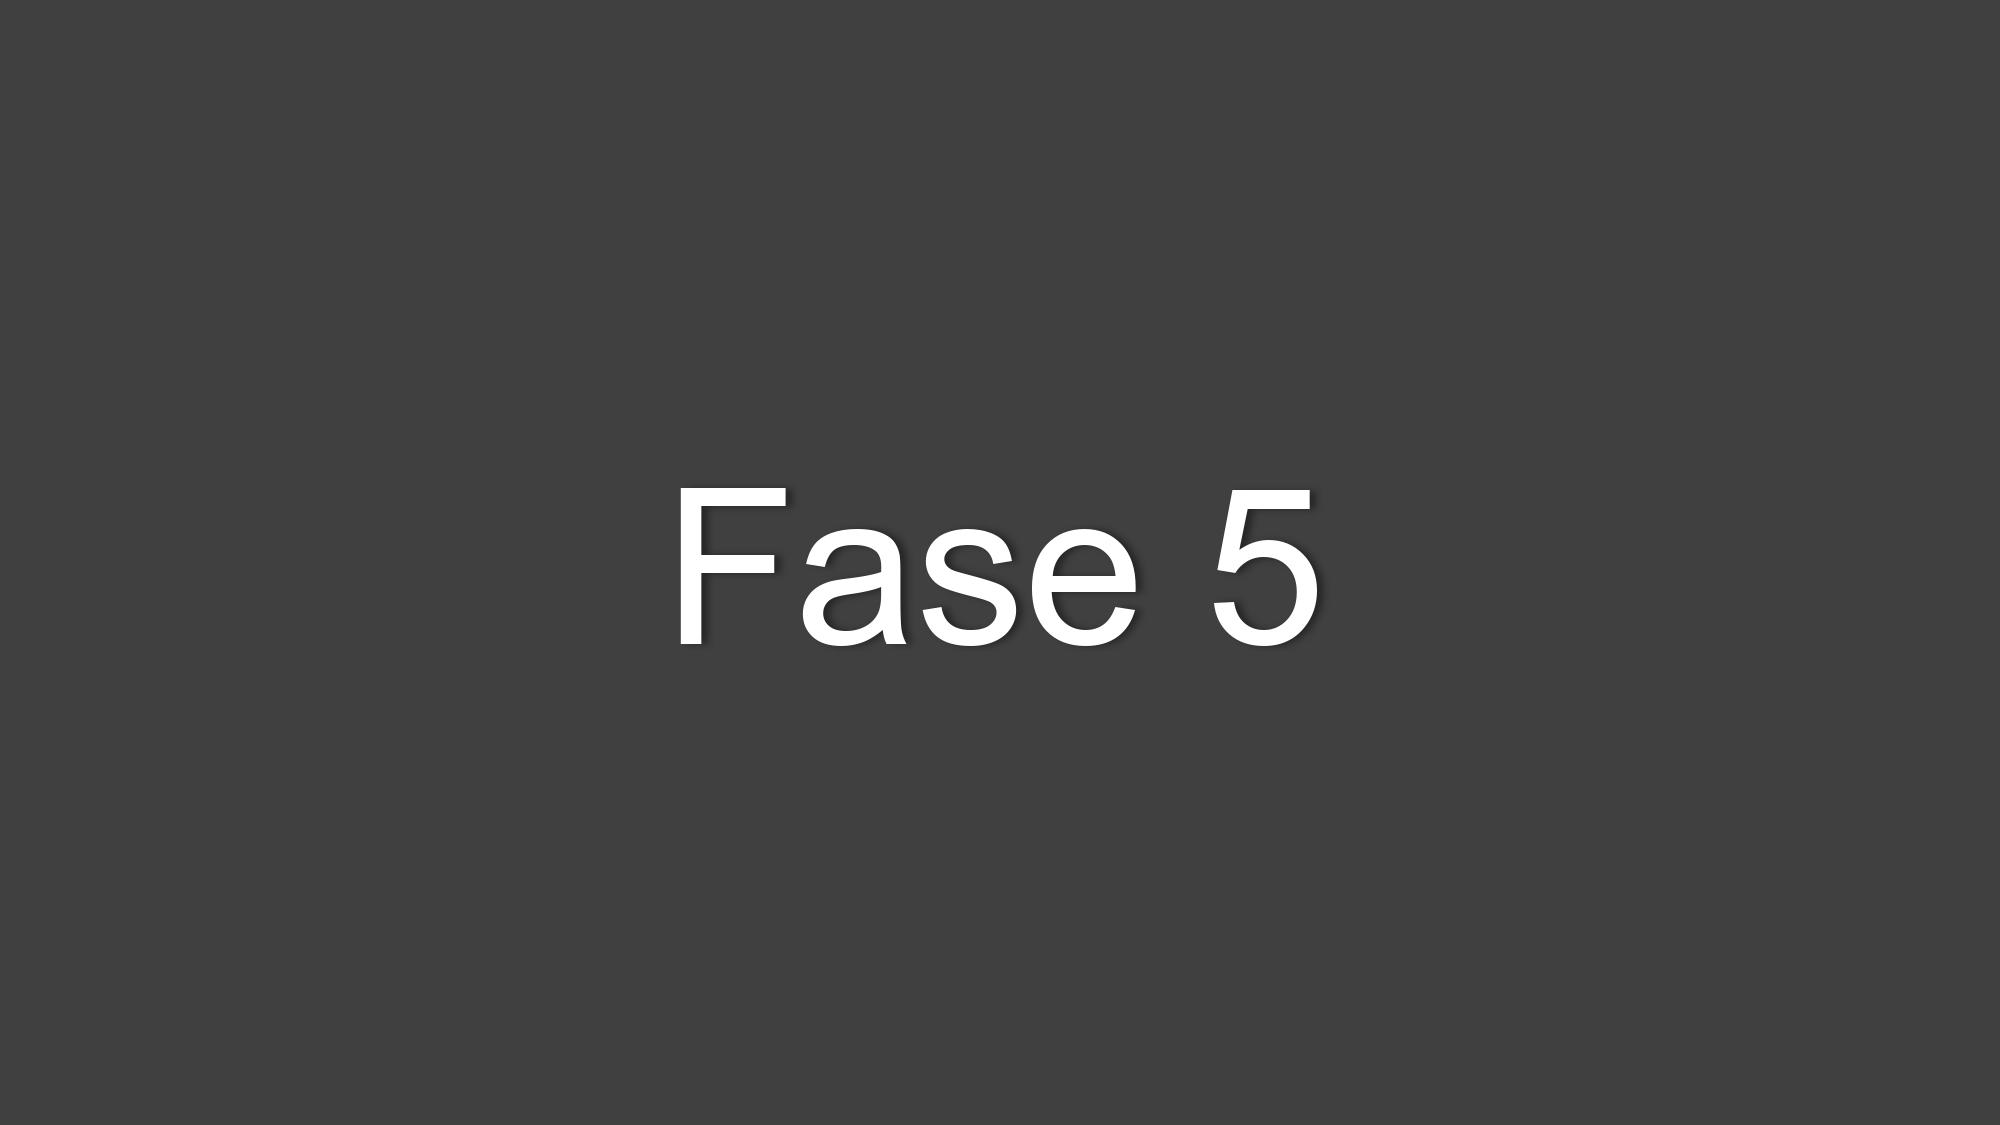 Fase 5